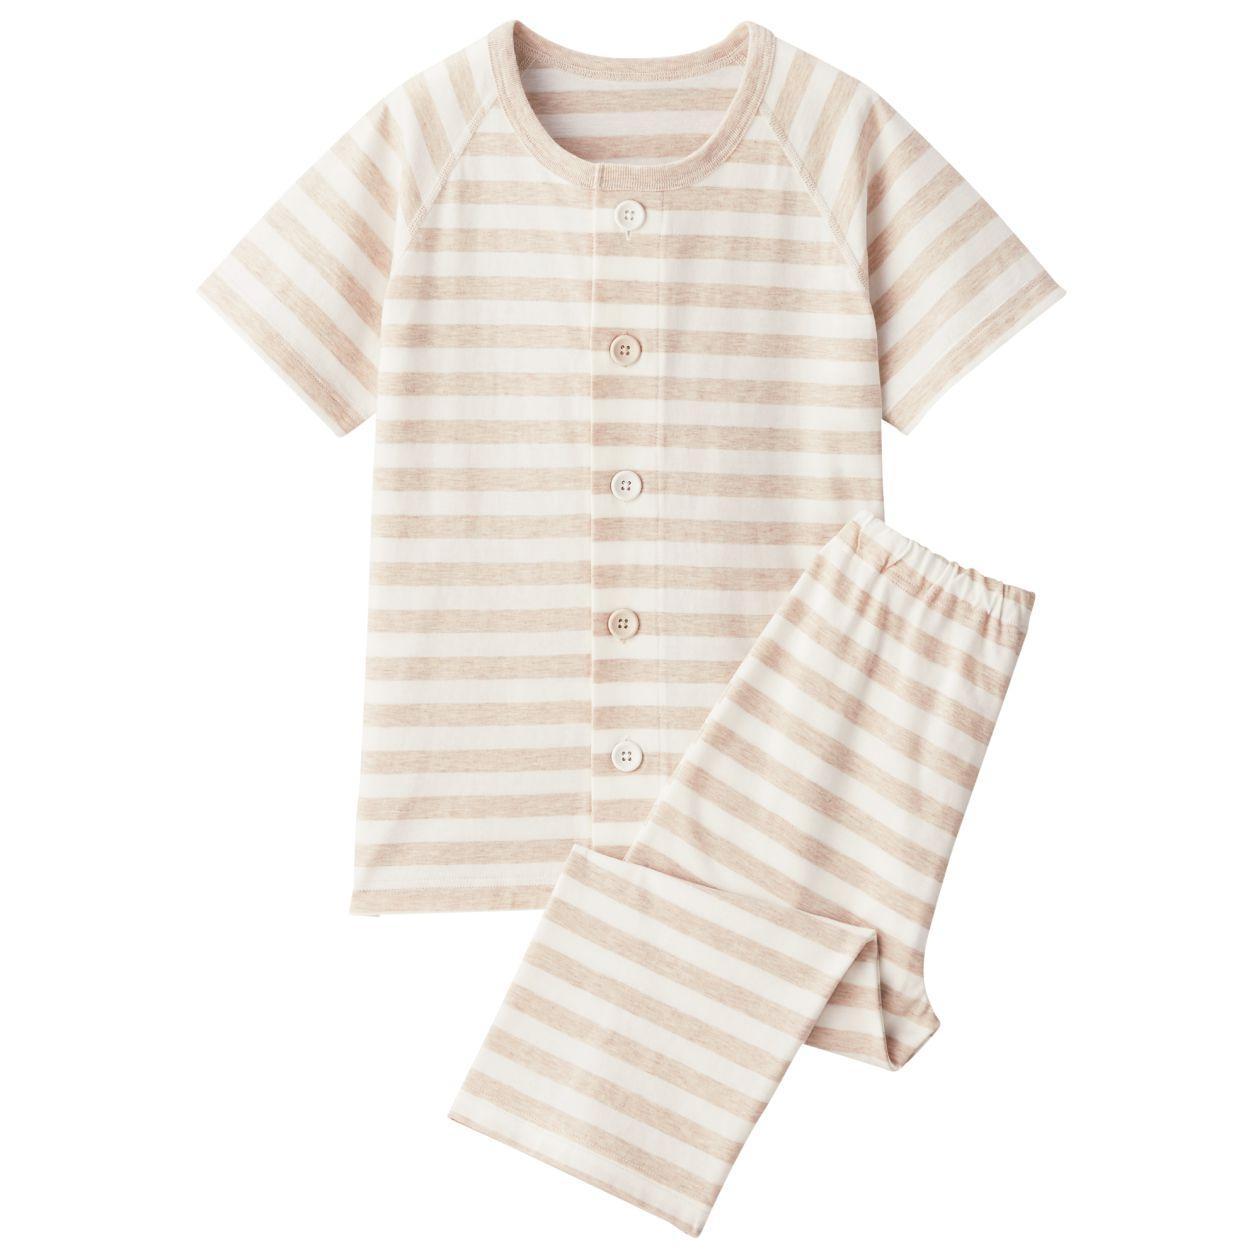 脇に縫い目のない天竺編みお着替え半袖パジャマ(七分丈)・(キッズ)